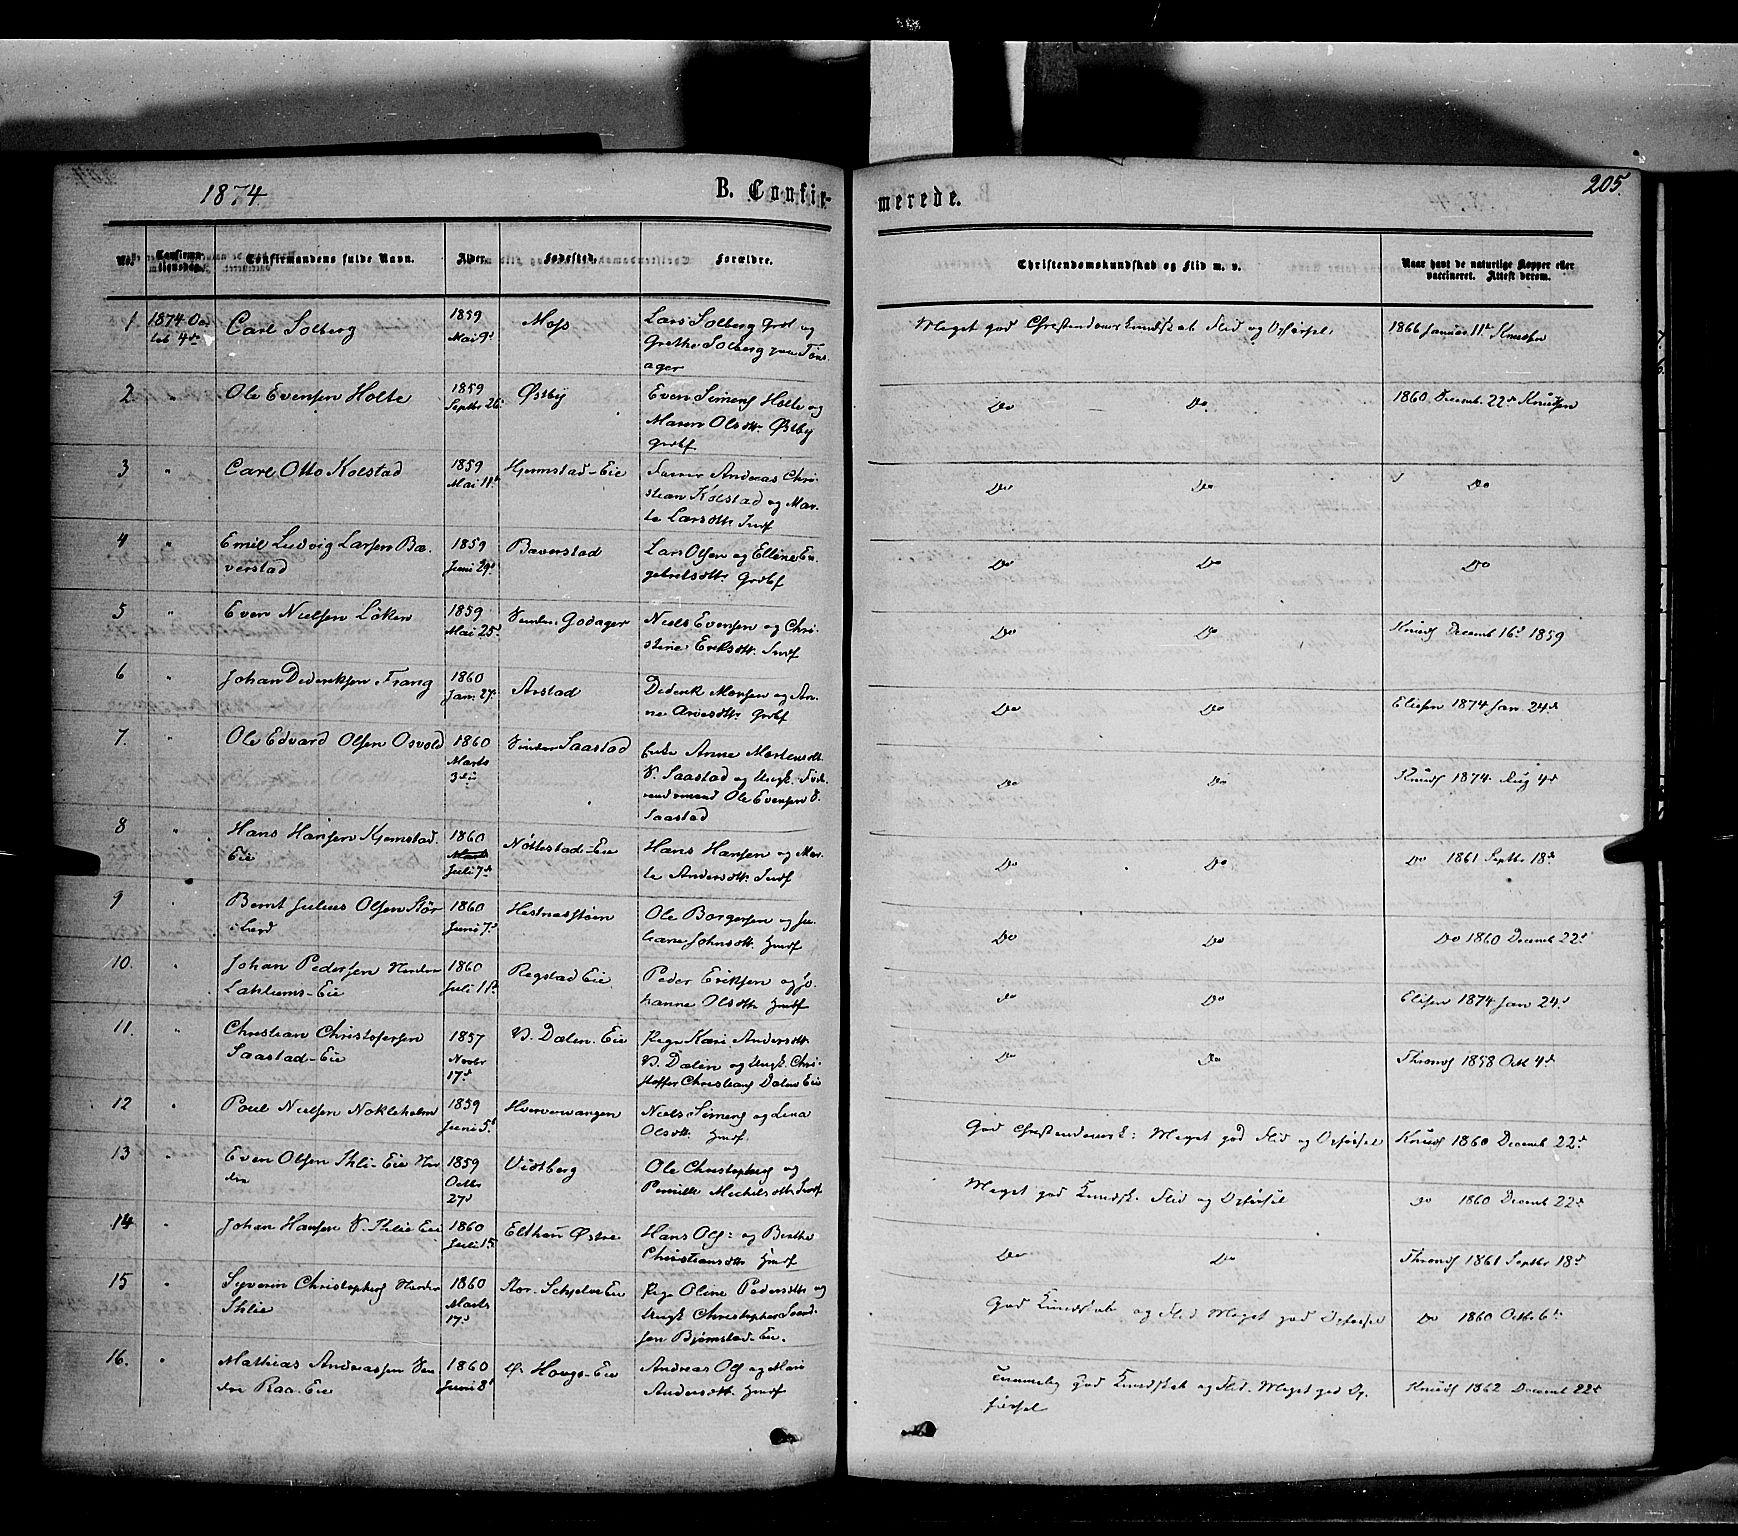 SAH, Stange prestekontor, K/L0013: Parish register (official) no. 13, 1862-1879, p. 205